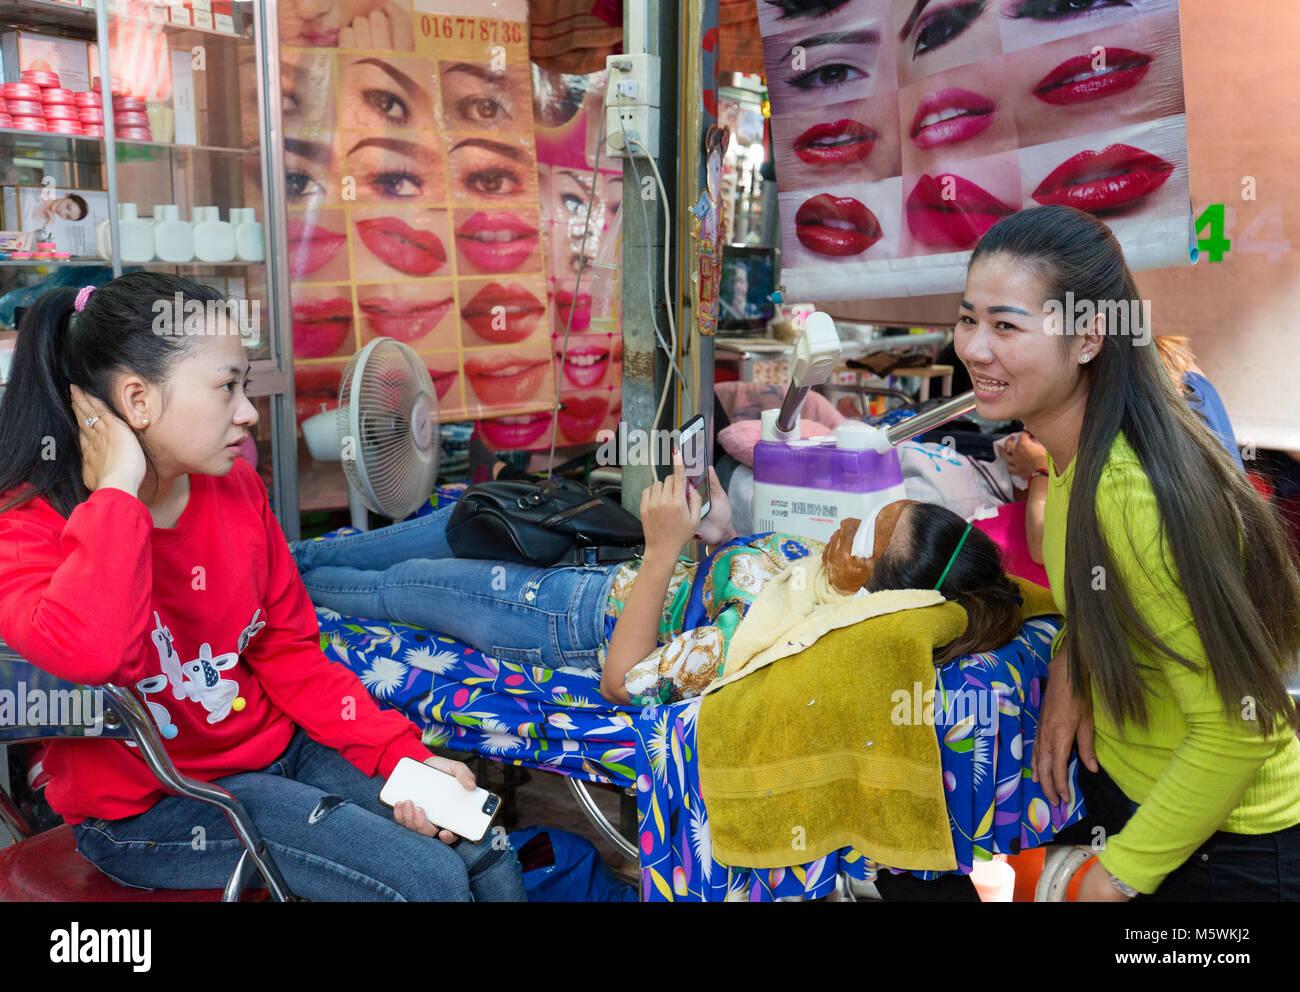 Straße Kosmetikerin, eine Gesichtsbehandlung für einen Kunden, Beispiel Kambodscha Kultur; Phnom Penh, Stockbild